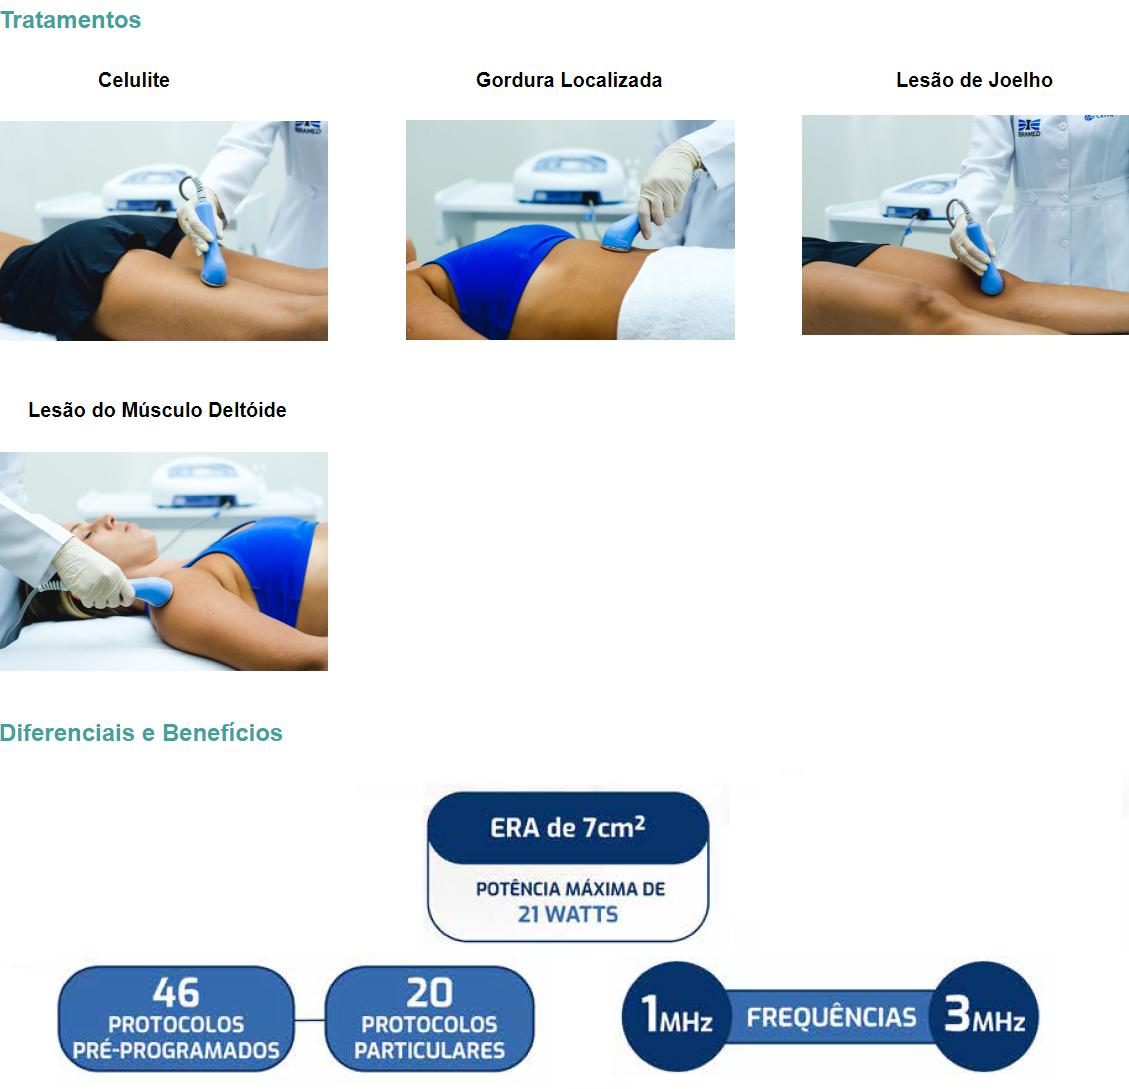 Tratamentos  Celulite Gordura Localizada Lesão de Joelho   Lesão do Músculo Deltóide